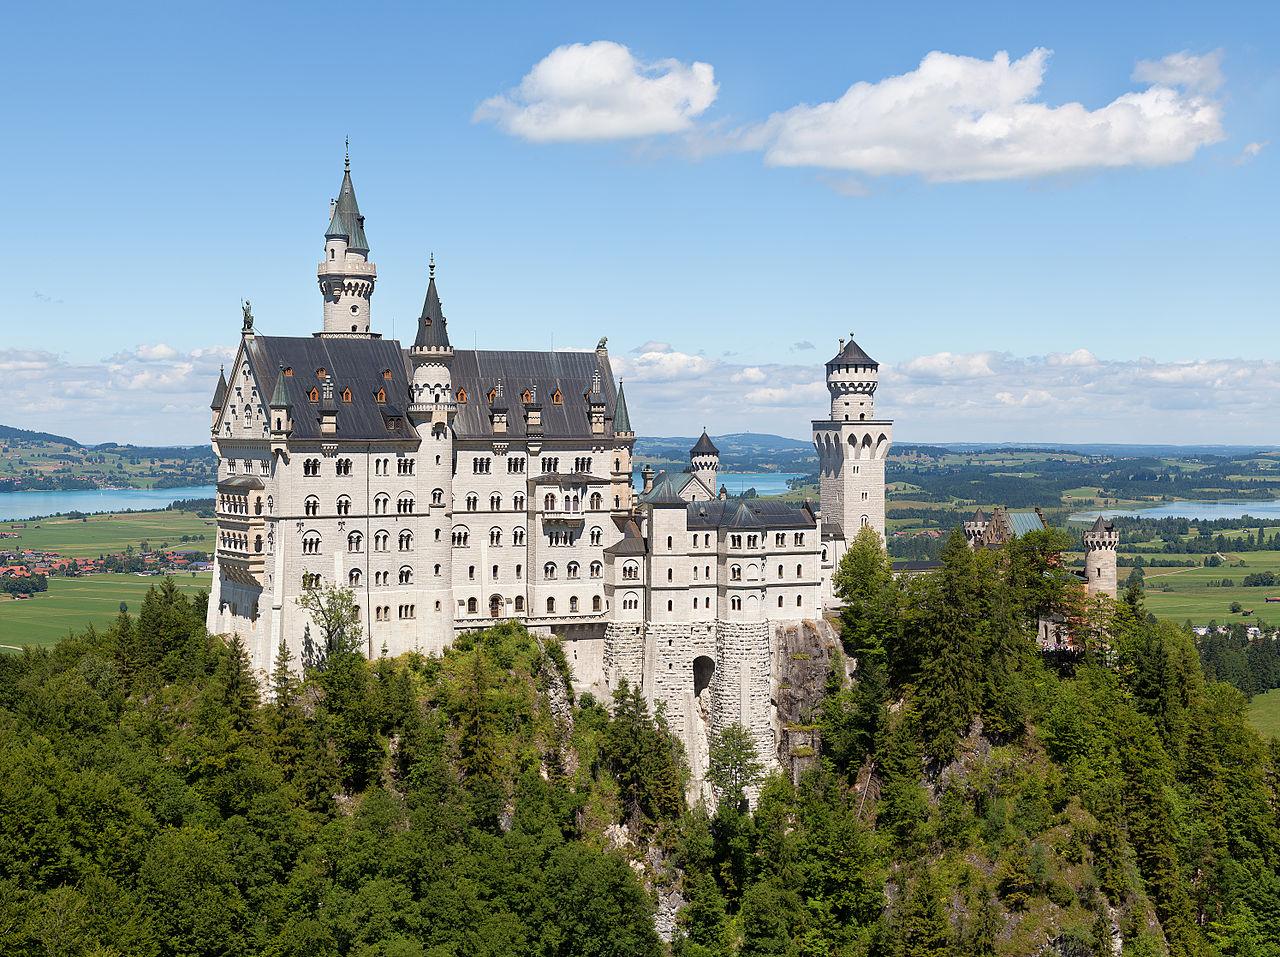 Bayern, Neuschwanstein